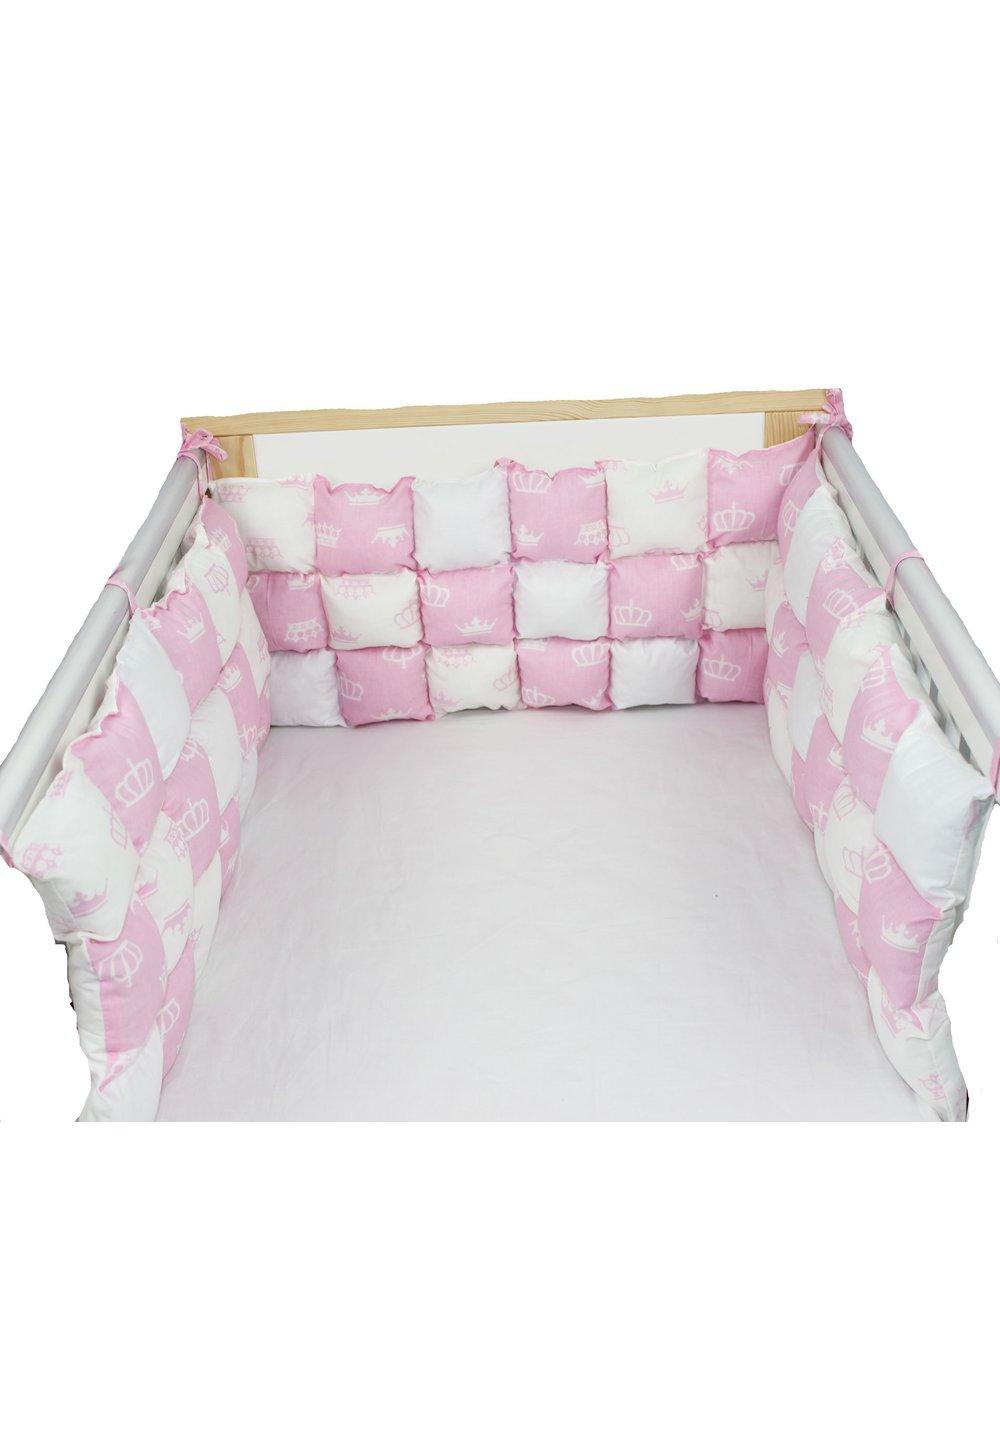 Set aparatori pufoase, coronite roz, 3 x 60 cm imagine